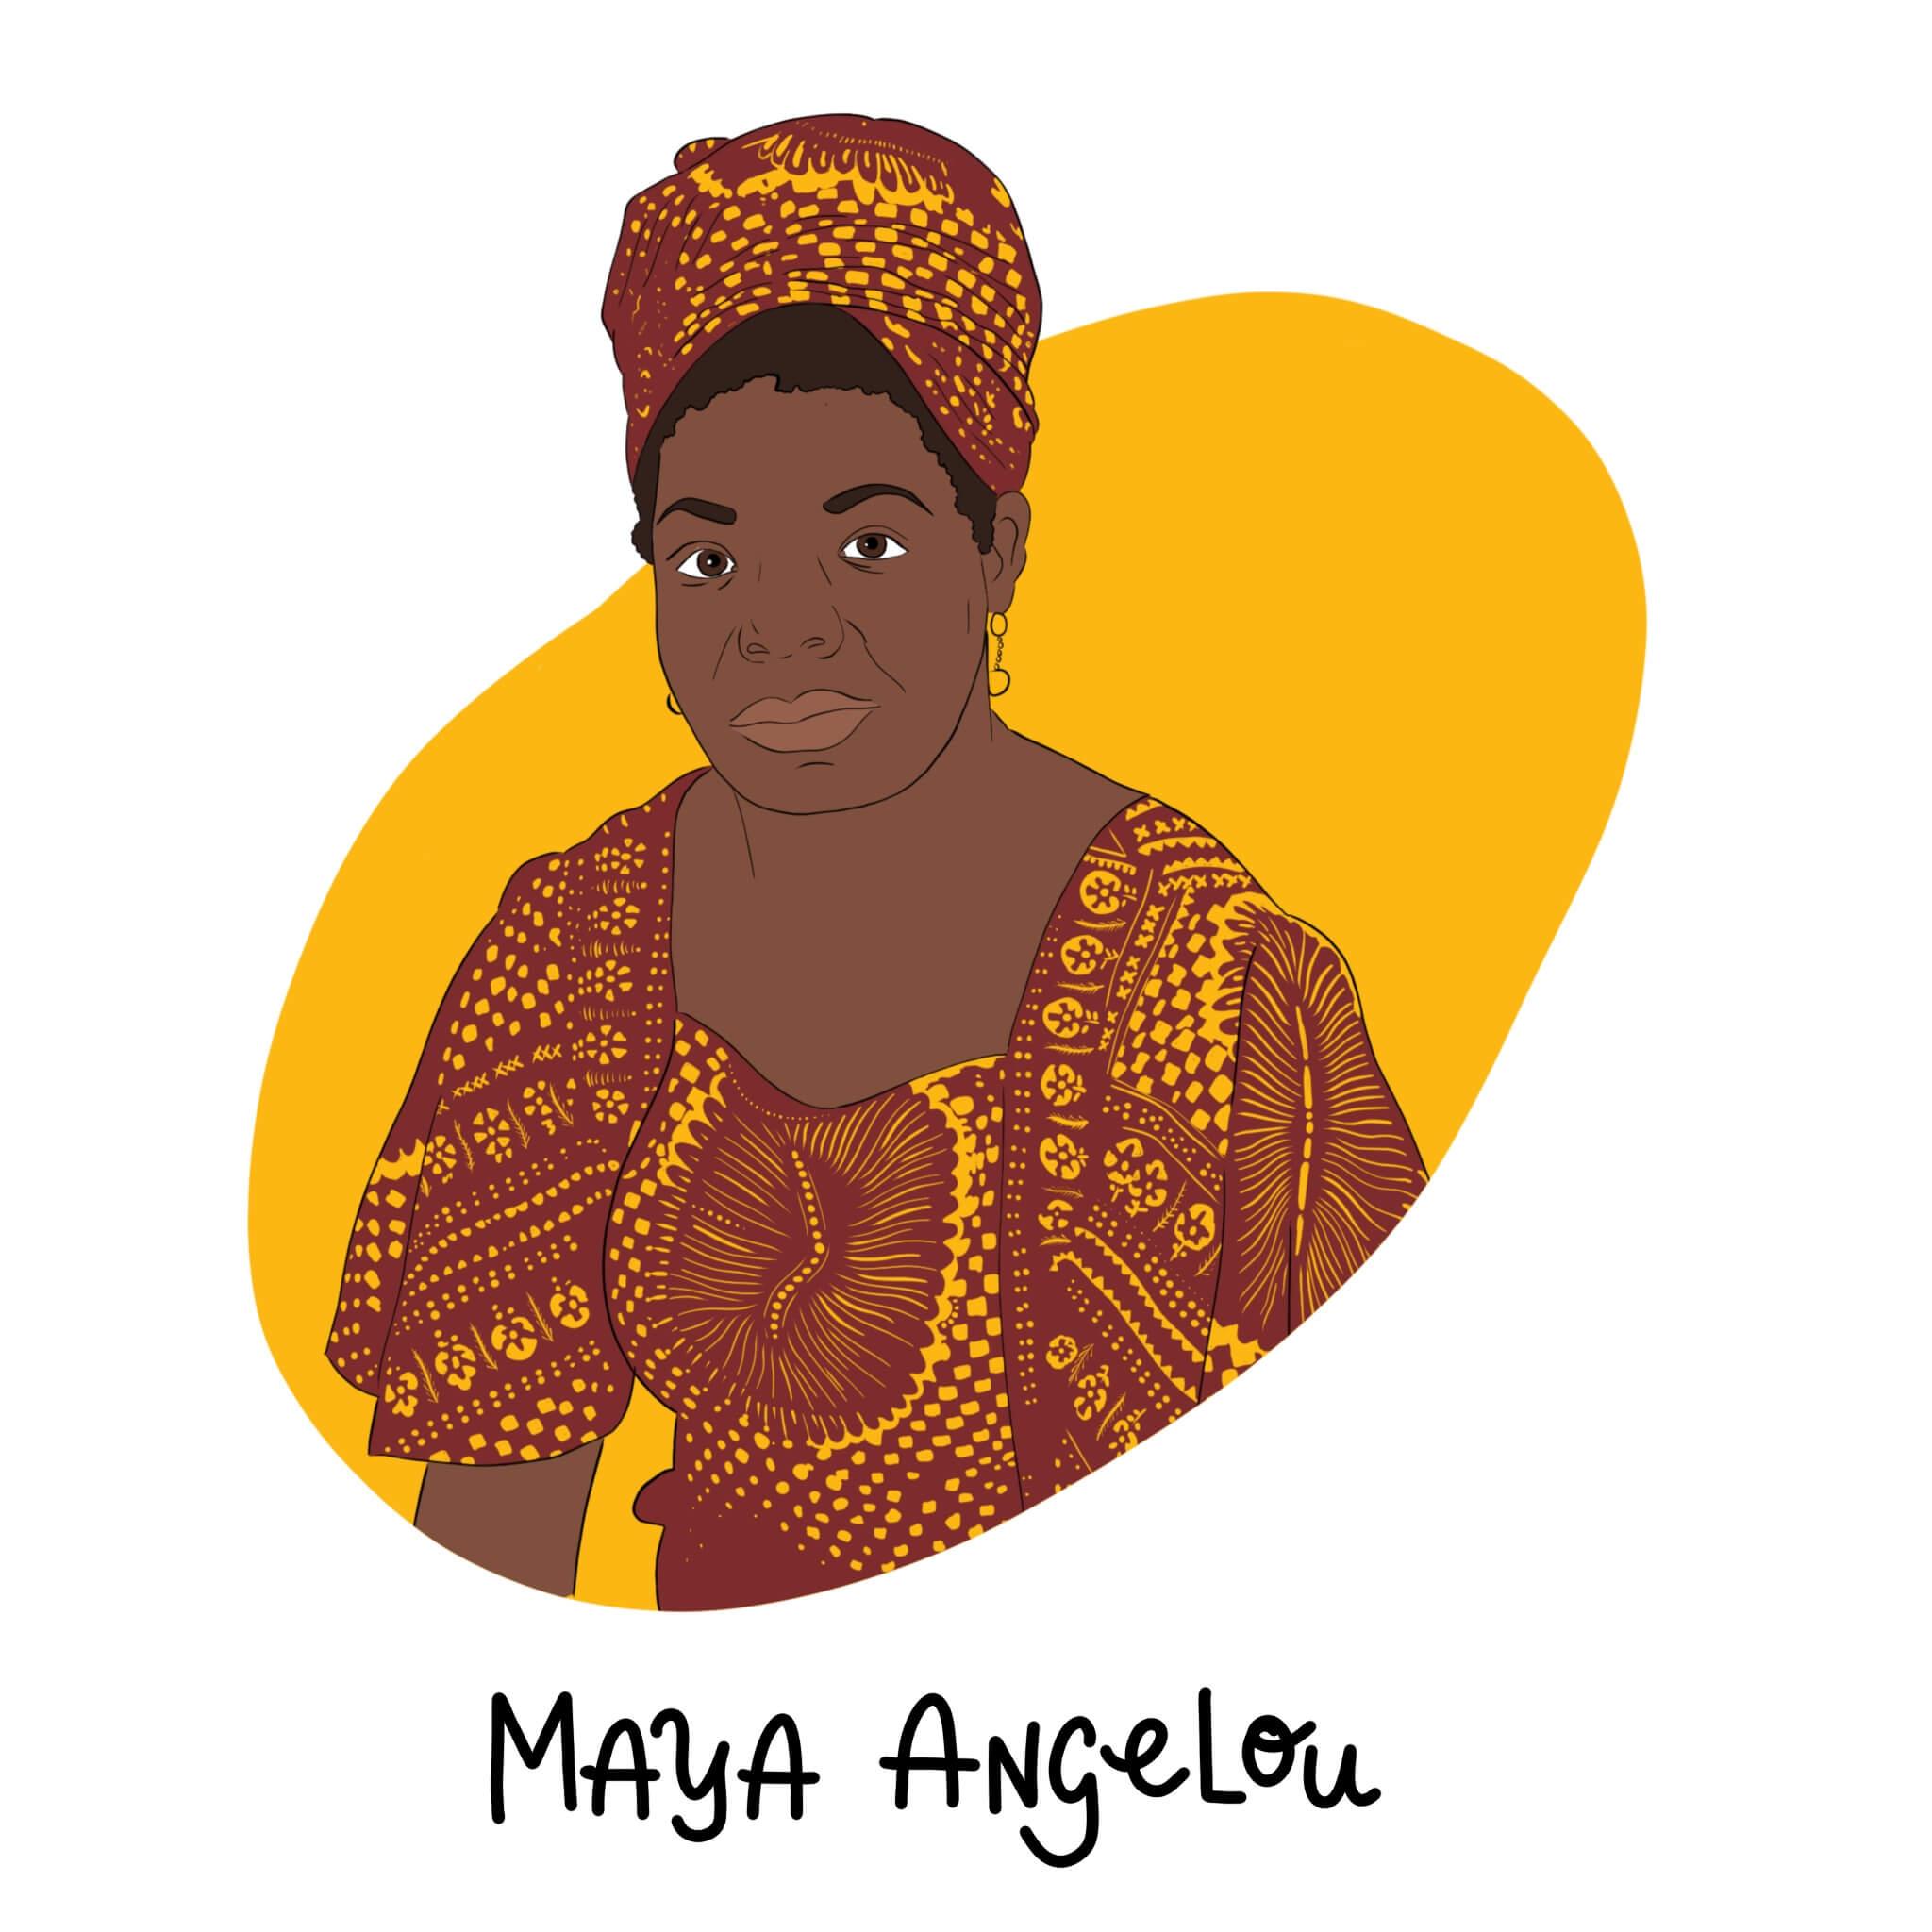 Maya Angelou Illustration by Jessica Ringelstein